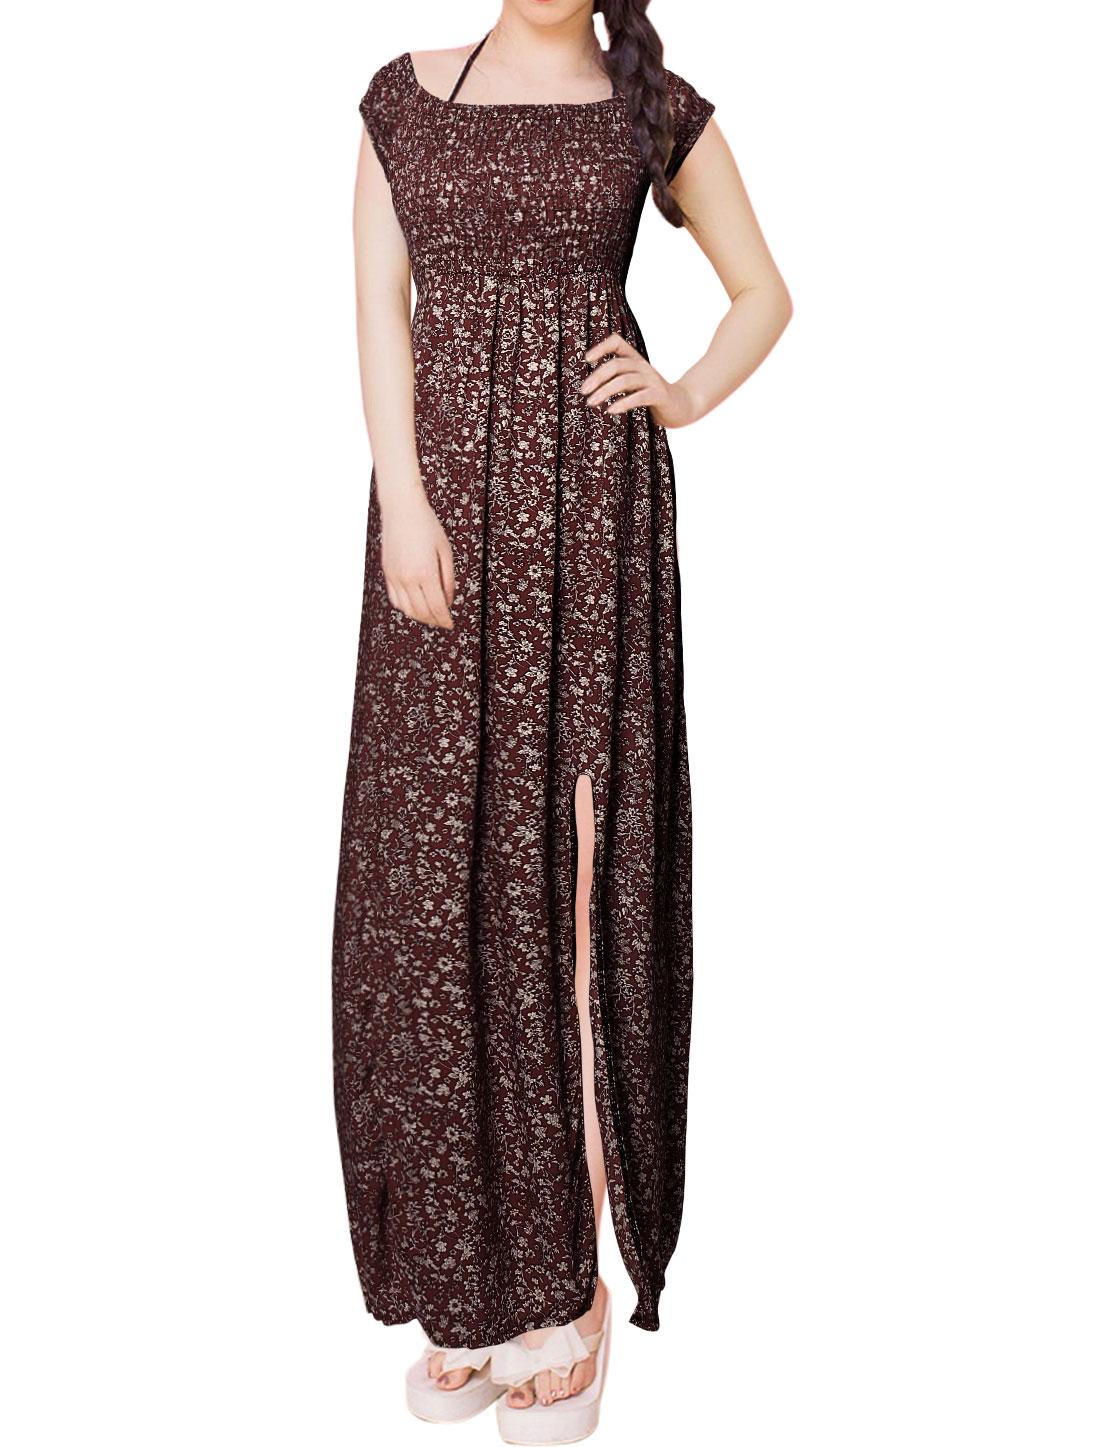 Women Smocked Upper Double Slits Floral Long Empire Waist Dress Burgundy S